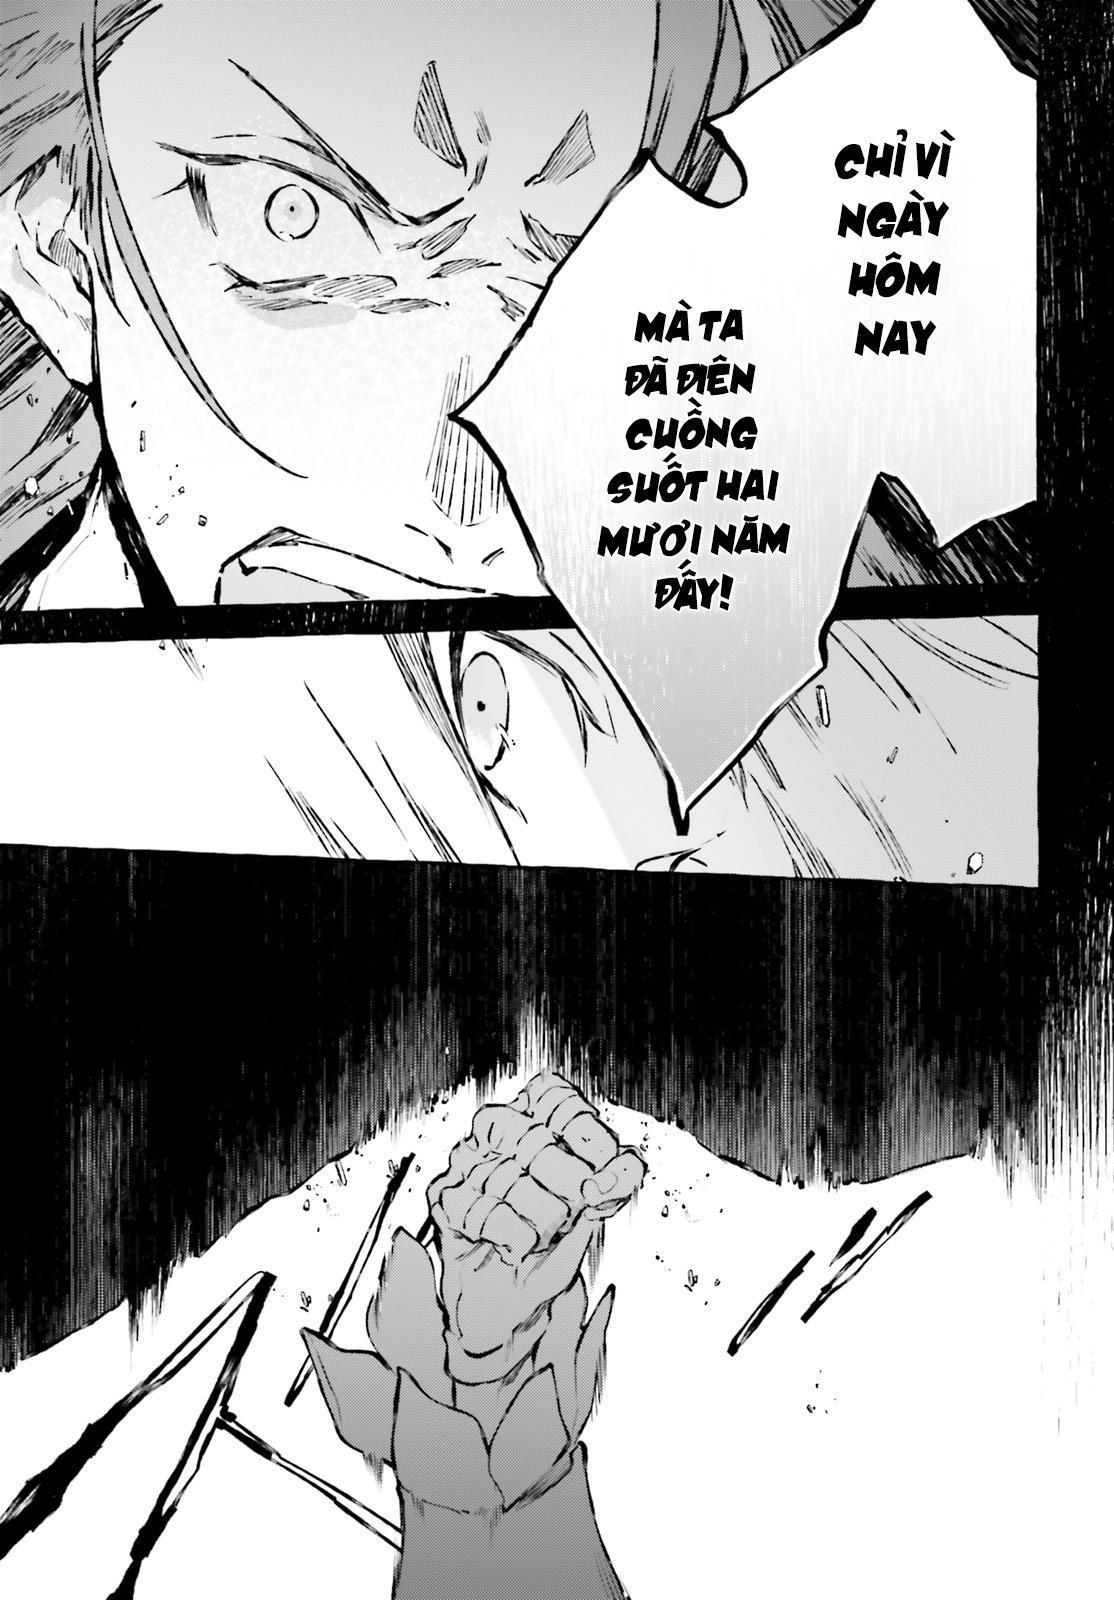 Re:Zero ngoại truyện: Khúc tình ca của Quỷ Kiếm: Chapter 16: Cuộc chiến ở Hoàng Cung (Hồi 1)